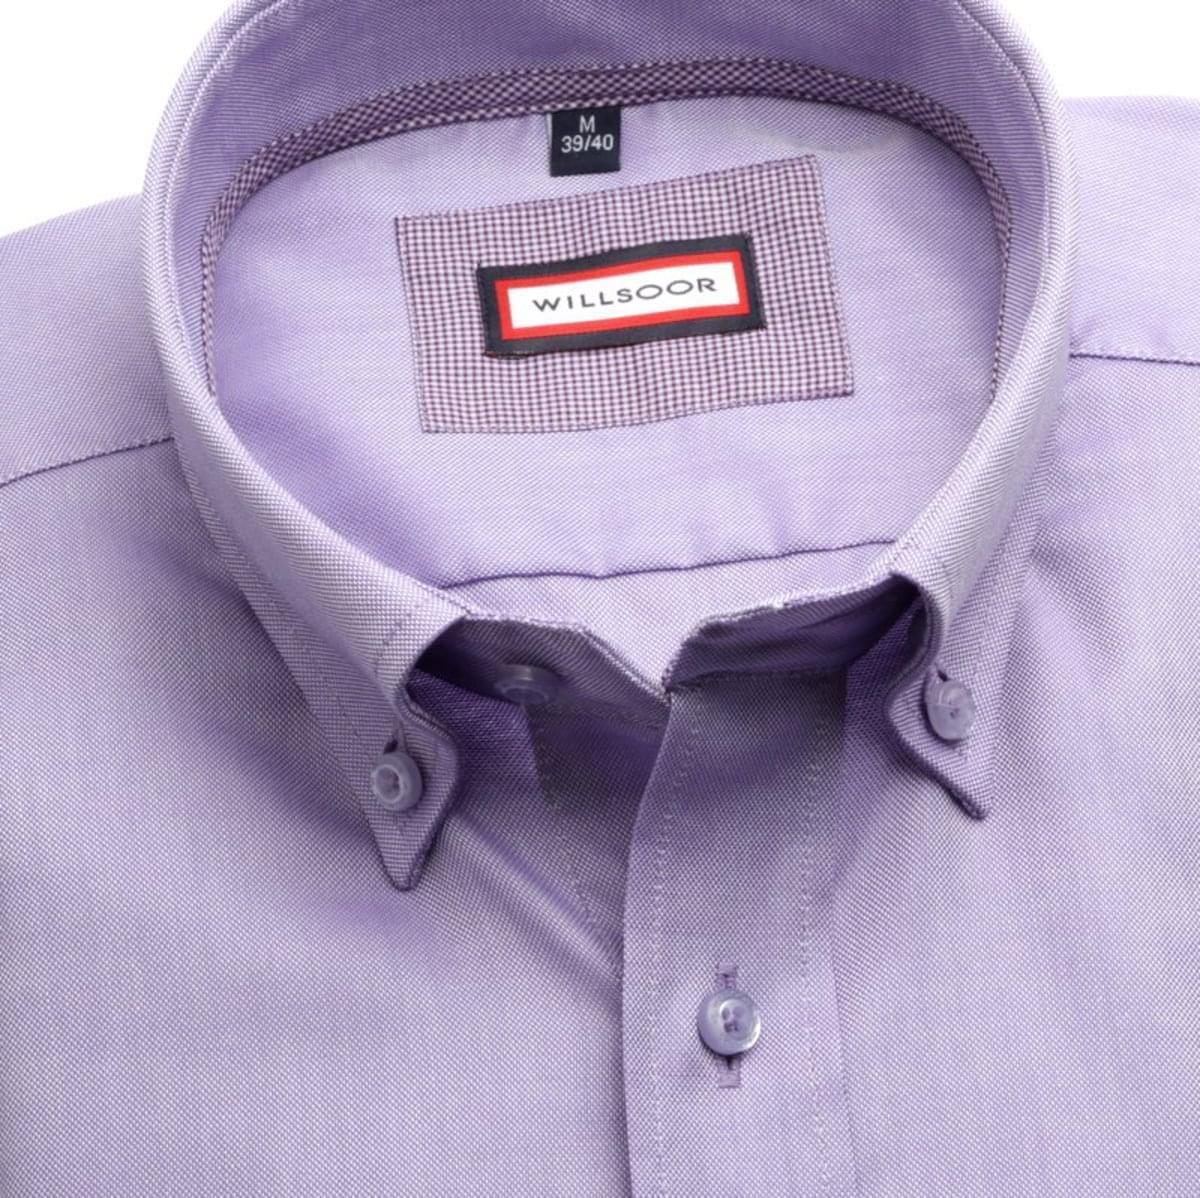 Pánská klasická košile (výška 188-194) 7673 ve fialkové barvě s úpravou easy care 188-194 / XL (43/44)